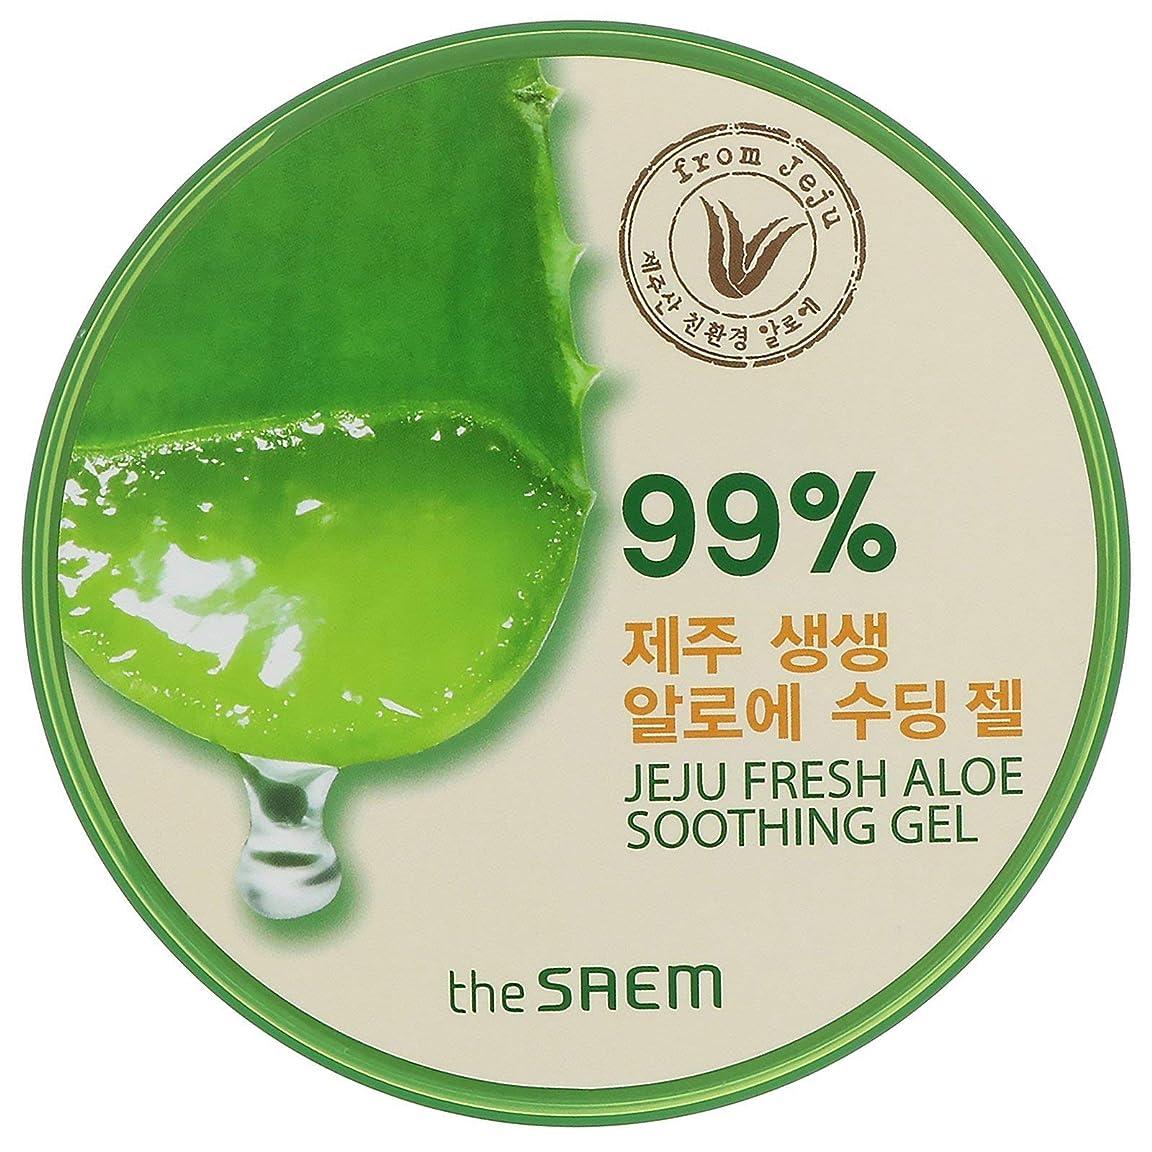 熱意に対してワイン即日発送 【国内発送】ザセム アロエスーディングジェル99% 頭からつま先までしっとり The SAEM Jeju Fresh ALOE Soothing Gel 99%